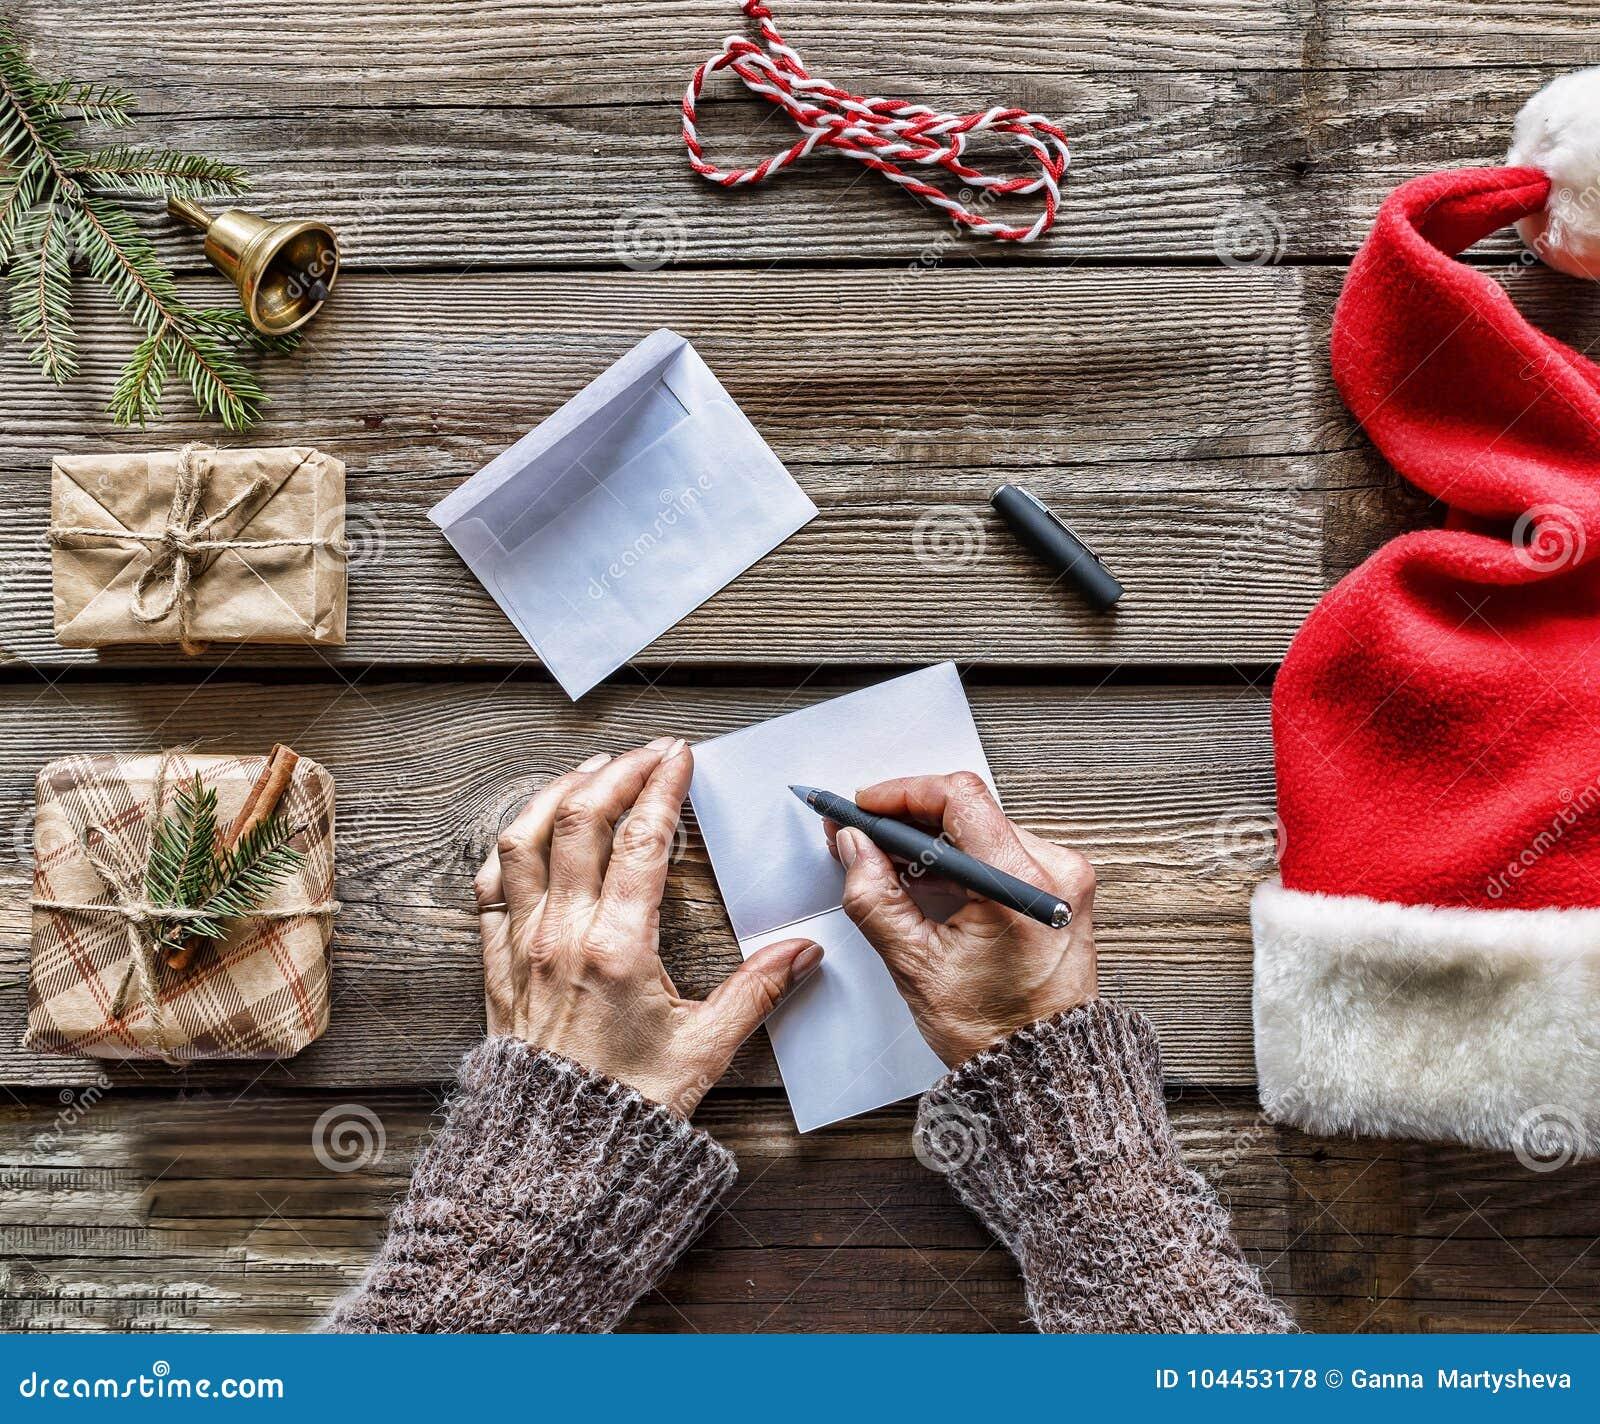 构想:圣诞节 一个人给圣诞老人写一封信